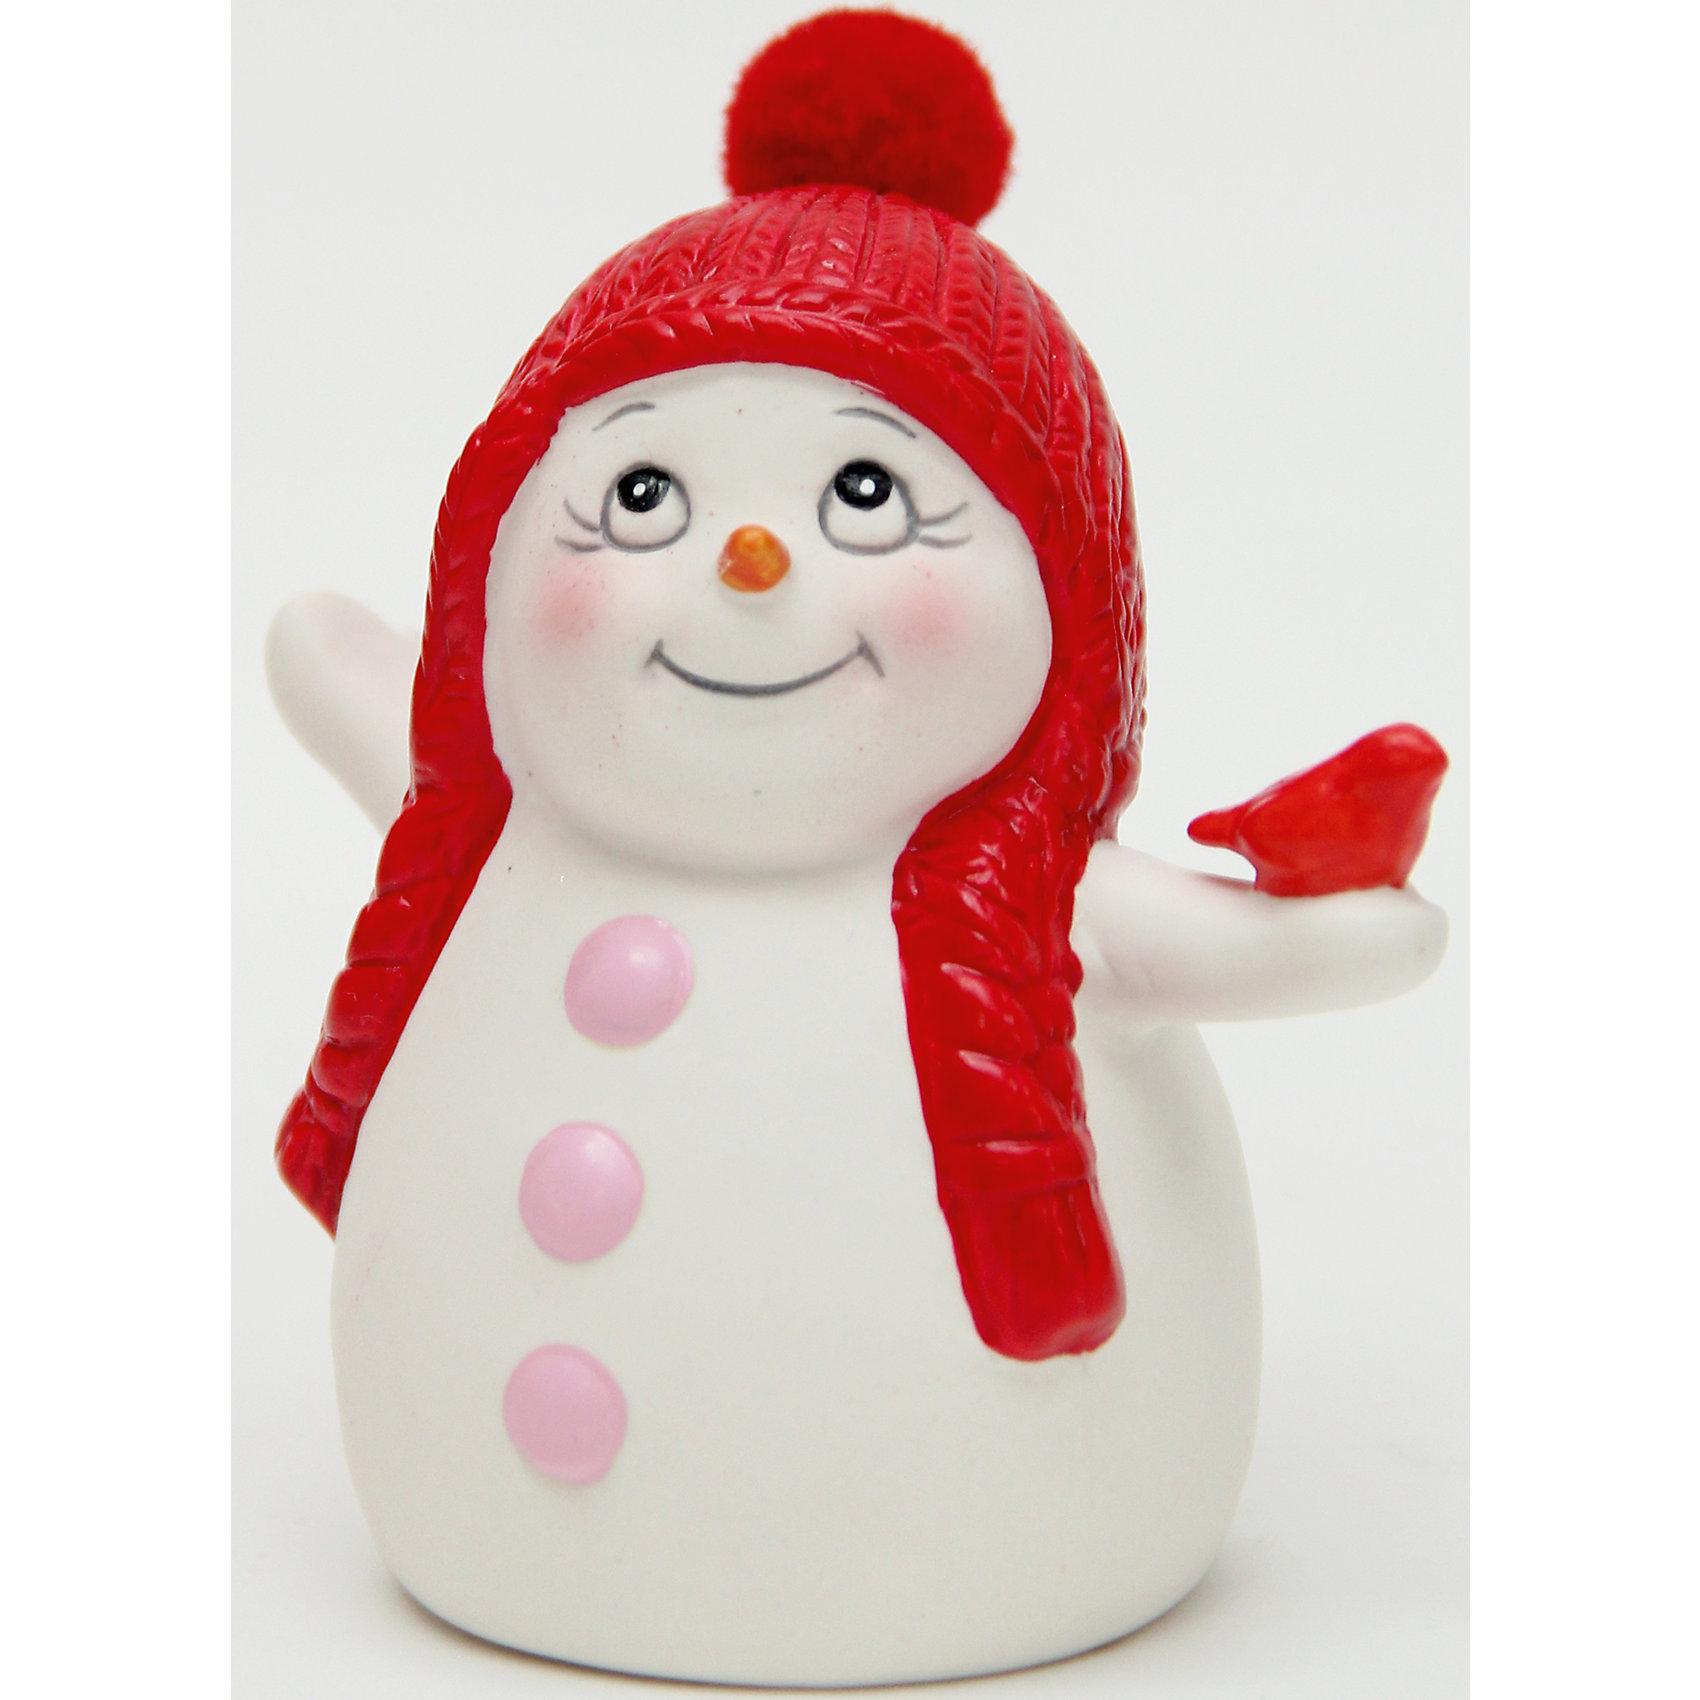 Керамический снеговик Со снегиремЭта керамическая фигурка может стать отличным подарком на Новый год или украшением для дома! Особое время - сам праздник и предновогодние хлопоты - ждут не только дети, но и взрослые! Праздничное настроение создает в первую очередь украшенный дом и наряженная ёлка. <br>Эта фигурка создаст особый настрой, она выглядит очень празднично и симпатично. Изделие произведено из безопасного для детей материала. Создайте с ним праздничное настроение себе и близким!<br><br>Дополнительная информация:<br><br>цвет: разноцветный;<br>материал: керамика;<br>размер: 8 см.<br><br>Керамический снеговик Со снегирем можно купить в нашем магазине.<br><br>Ширина мм: 150<br>Глубина мм: 150<br>Высота мм: 60<br>Вес г: 100<br>Возраст от месяцев: 36<br>Возраст до месяцев: 2147483647<br>Пол: Унисекс<br>Возраст: Детский<br>SKU: 4981675